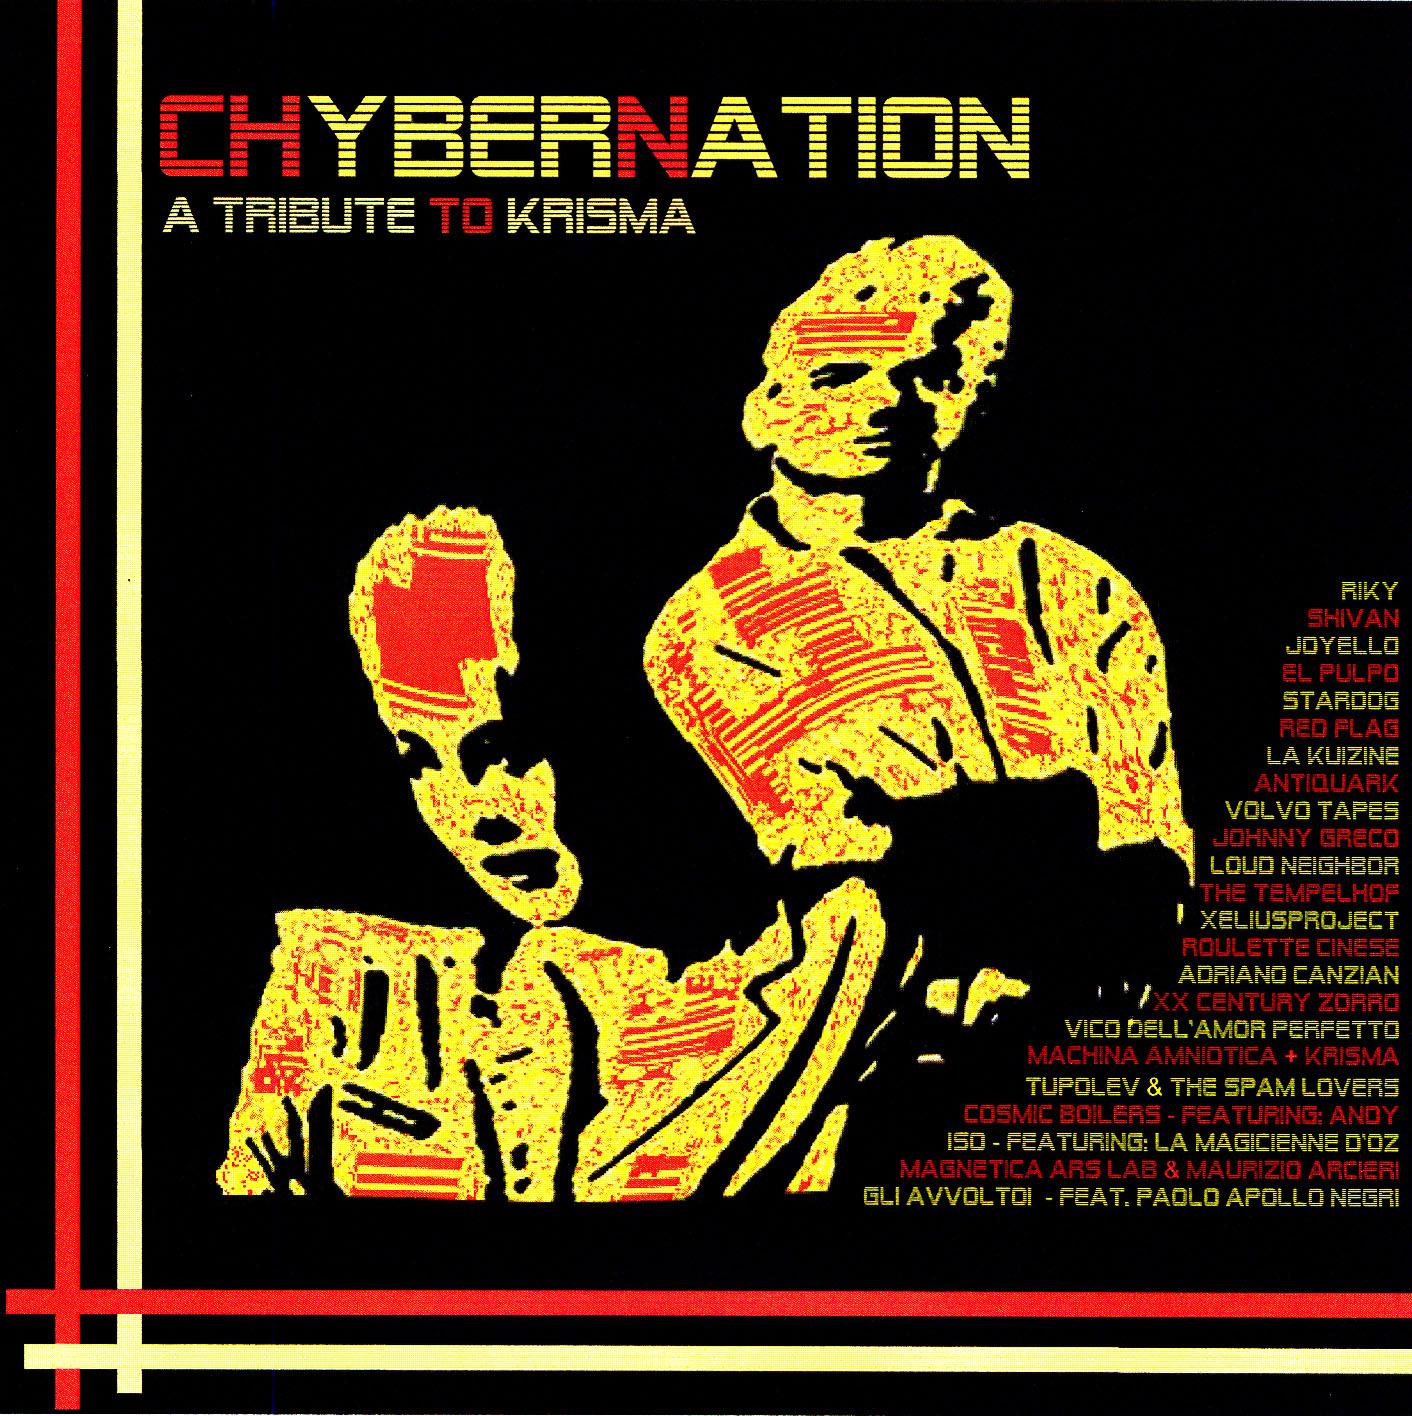 CHyberNation